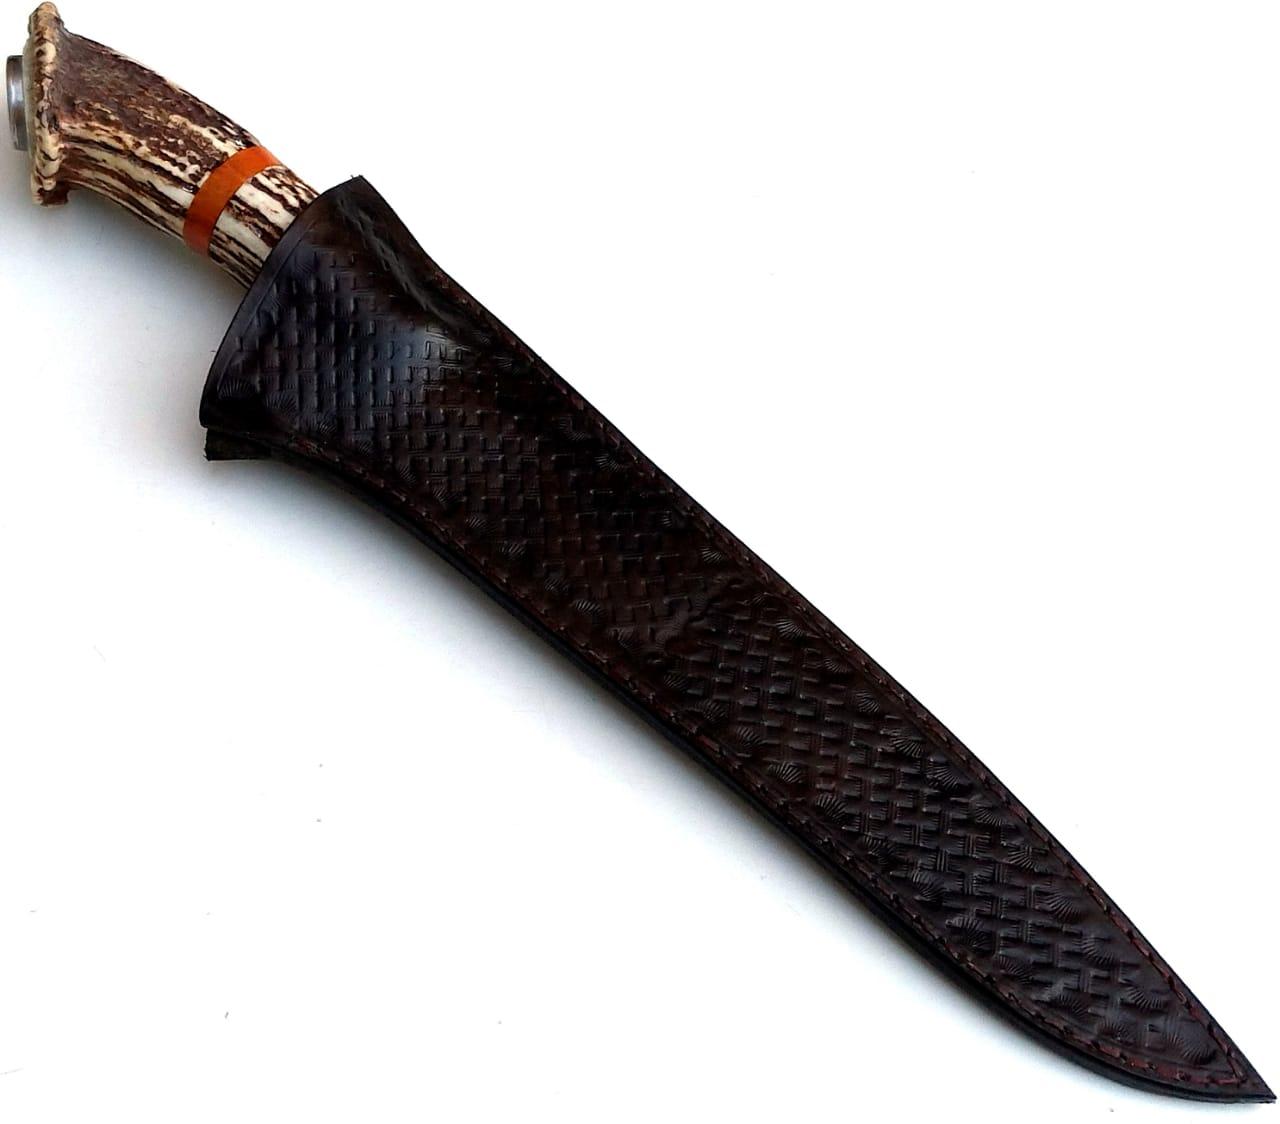 Faca artesanal forjada negra aço carbono  cervo axis coroado 10 polegadas